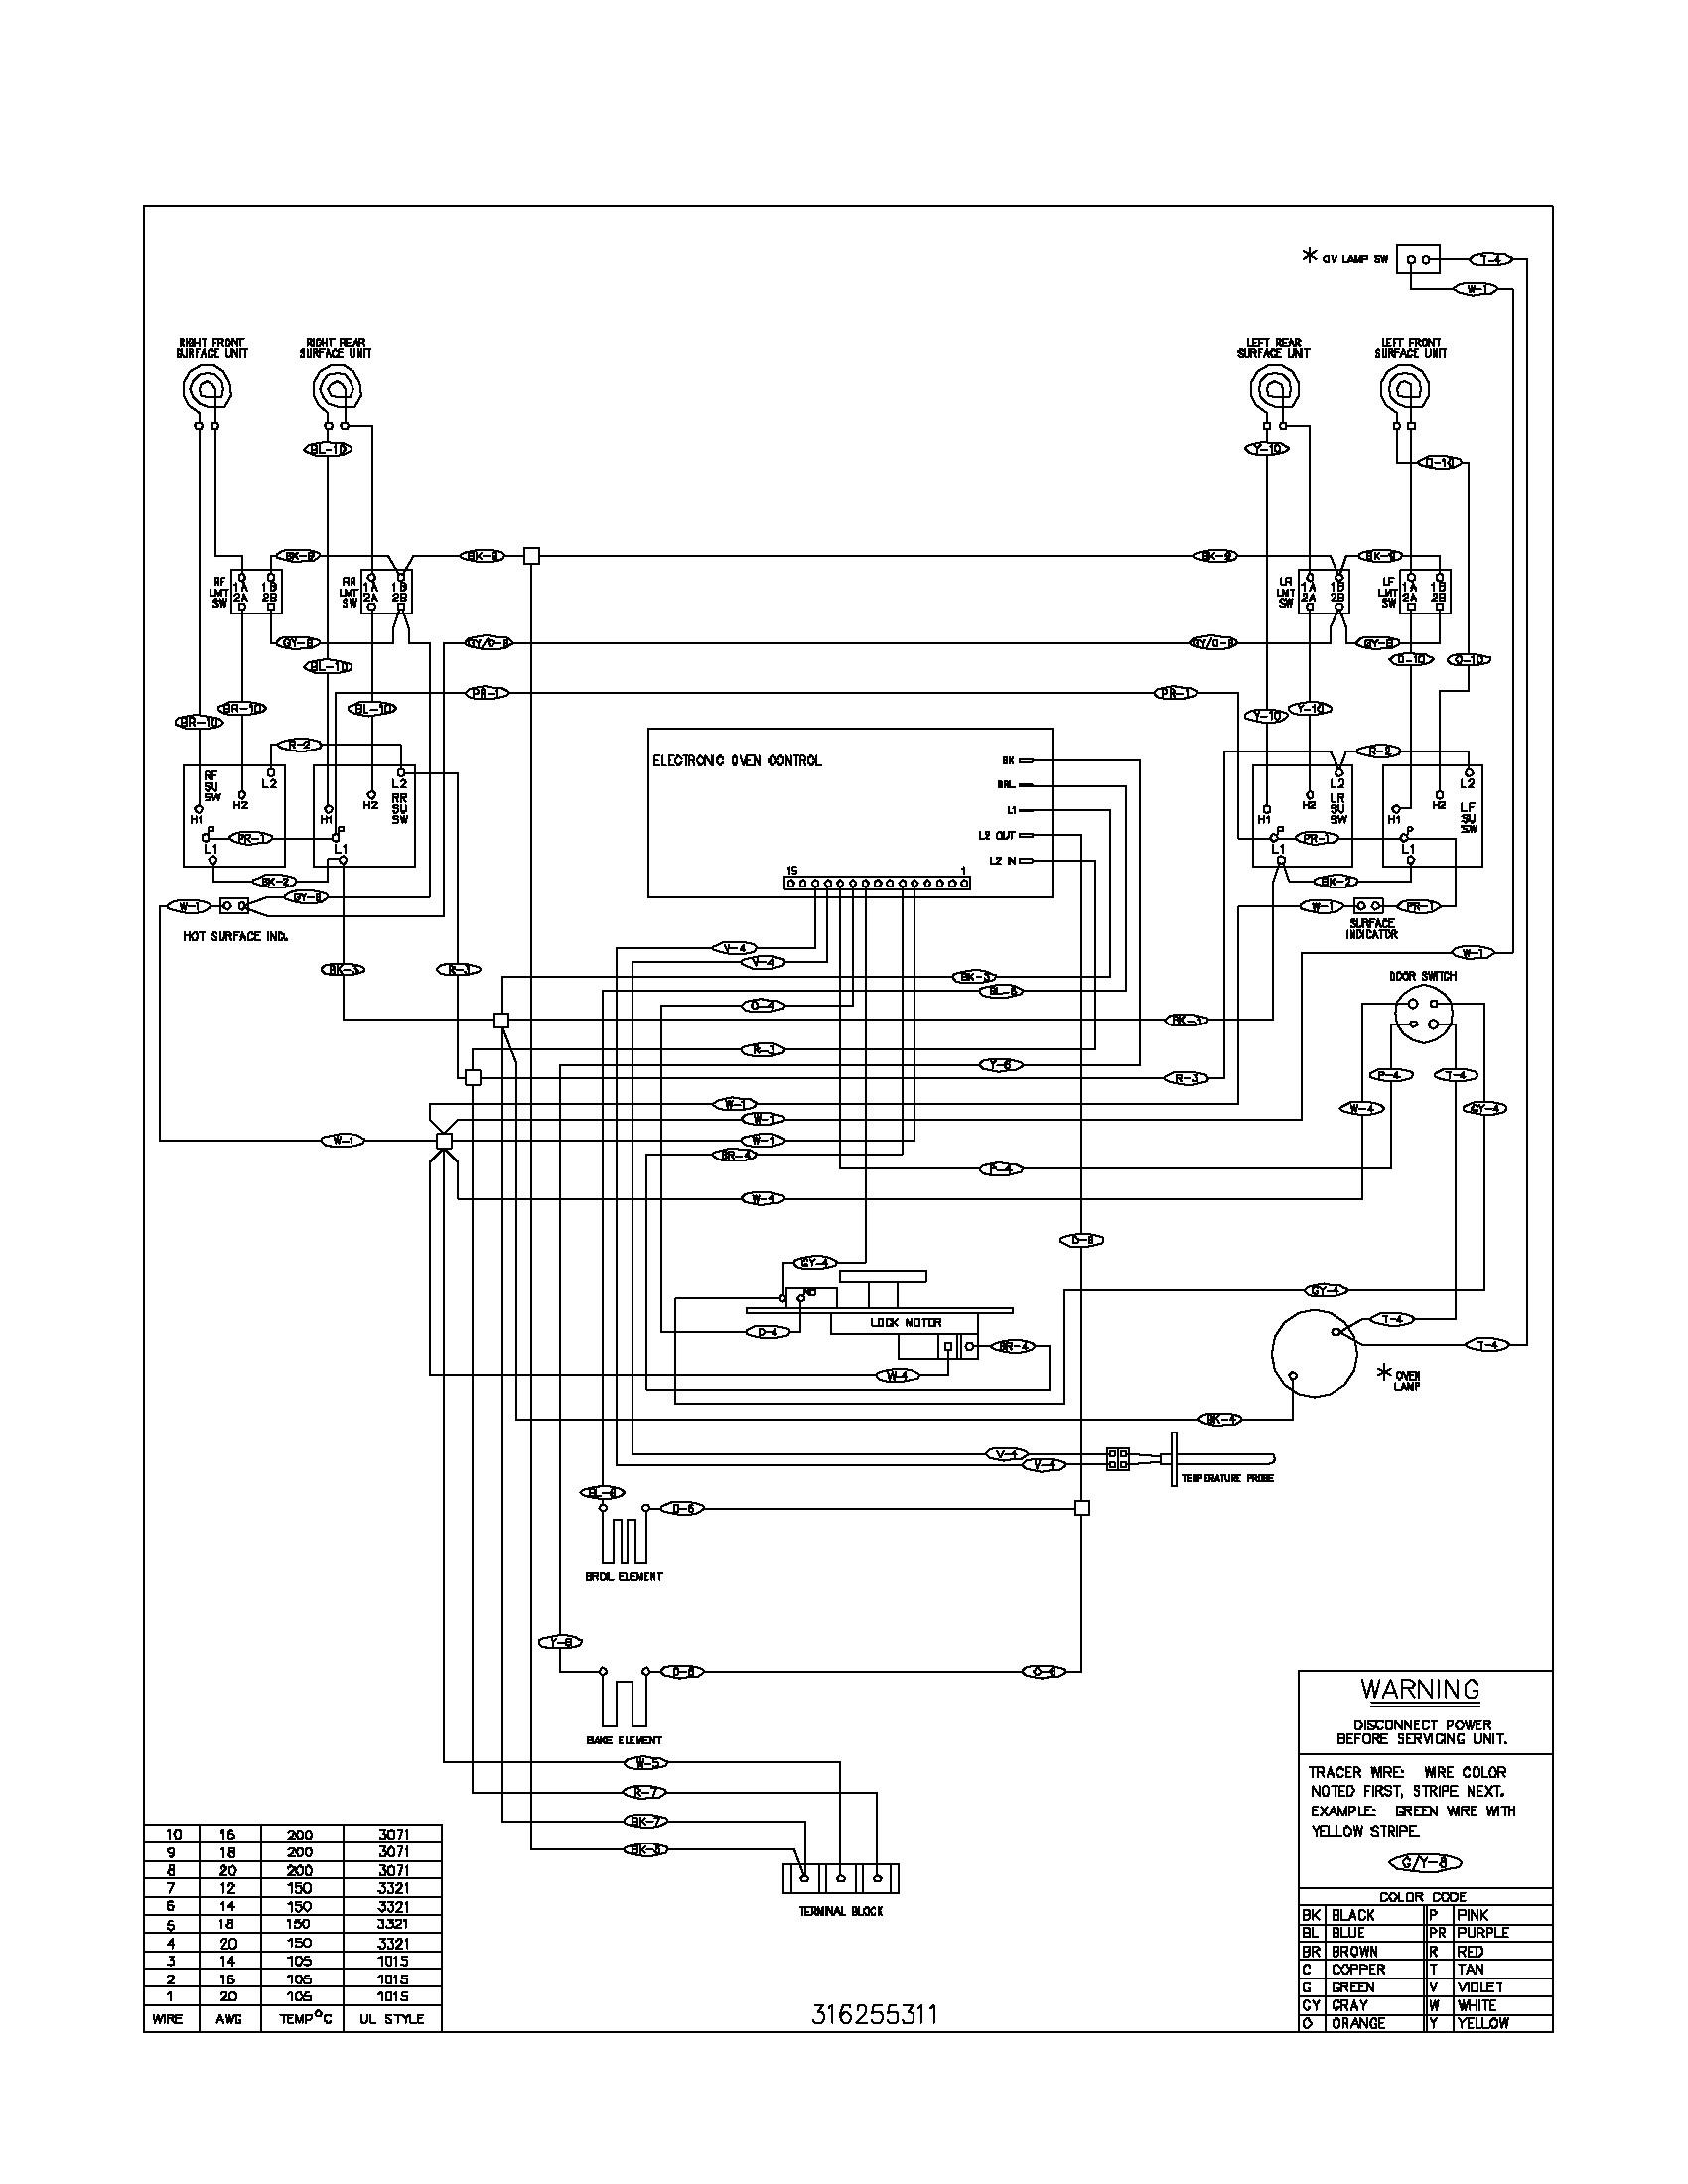 yamaha viking wiring diagram wiring diagrams folder Yamaha Raider Wiring-Diagram